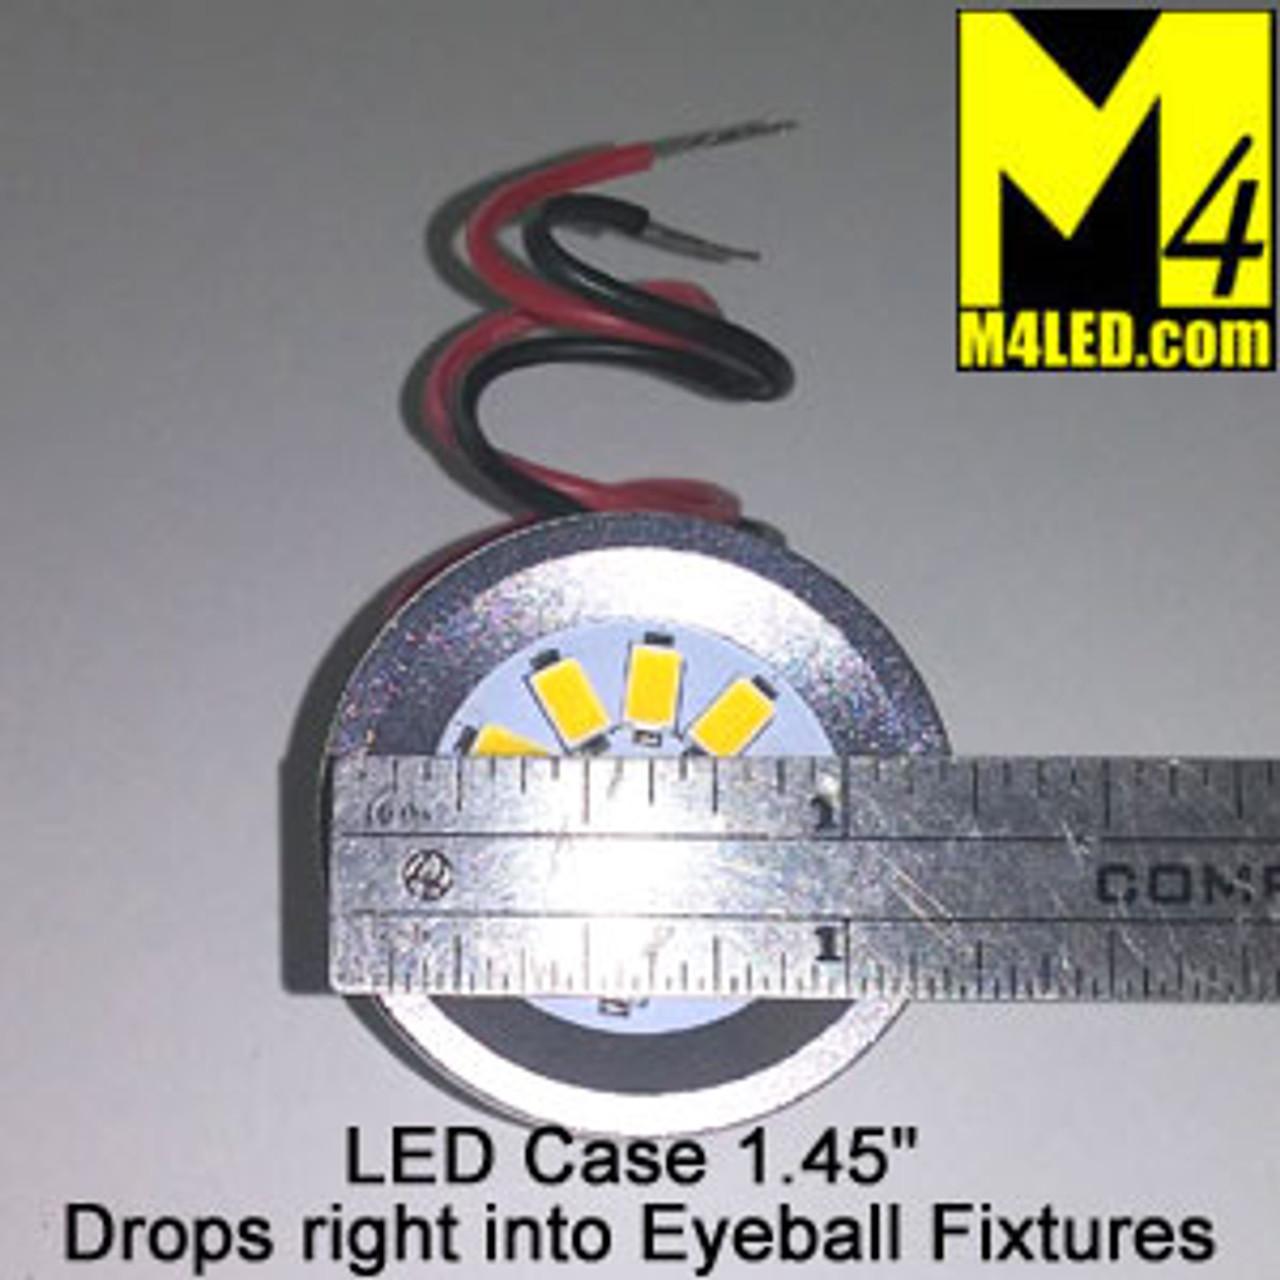 EYEBALL-10-5630-NW Natural White LED Retrofit for Halogen Eyeball Fixtures